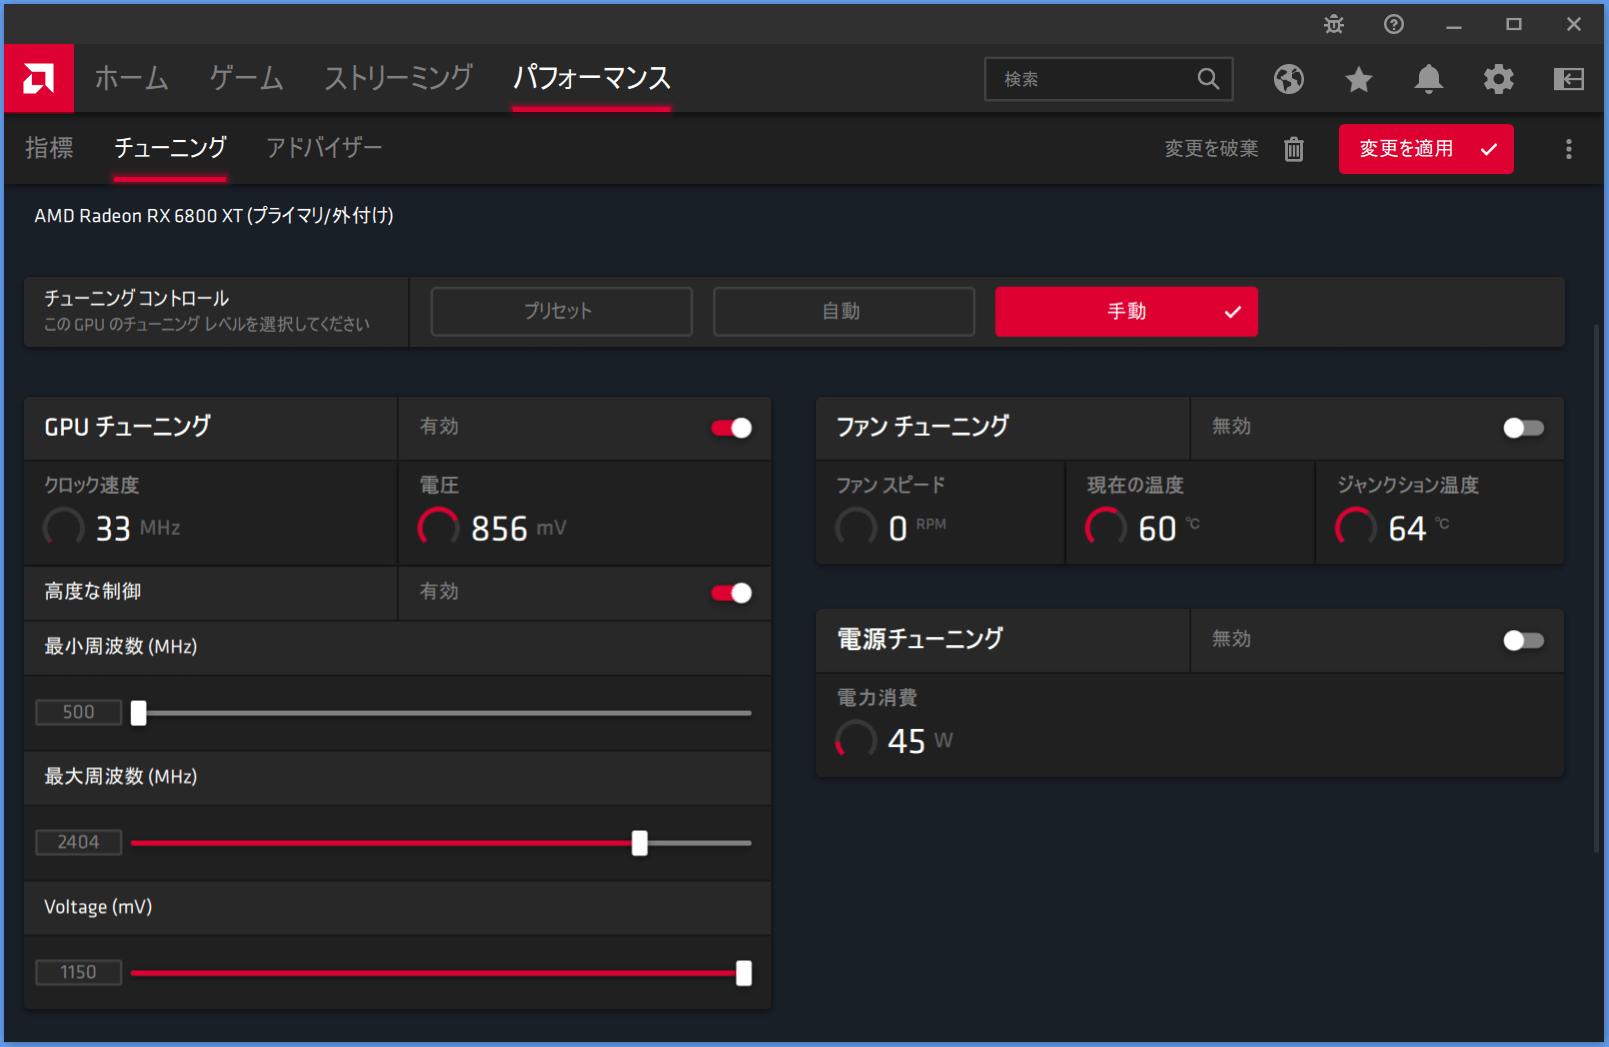 Radeon RX 6800 XT_Radeon-Setting_4_GPU-Clock